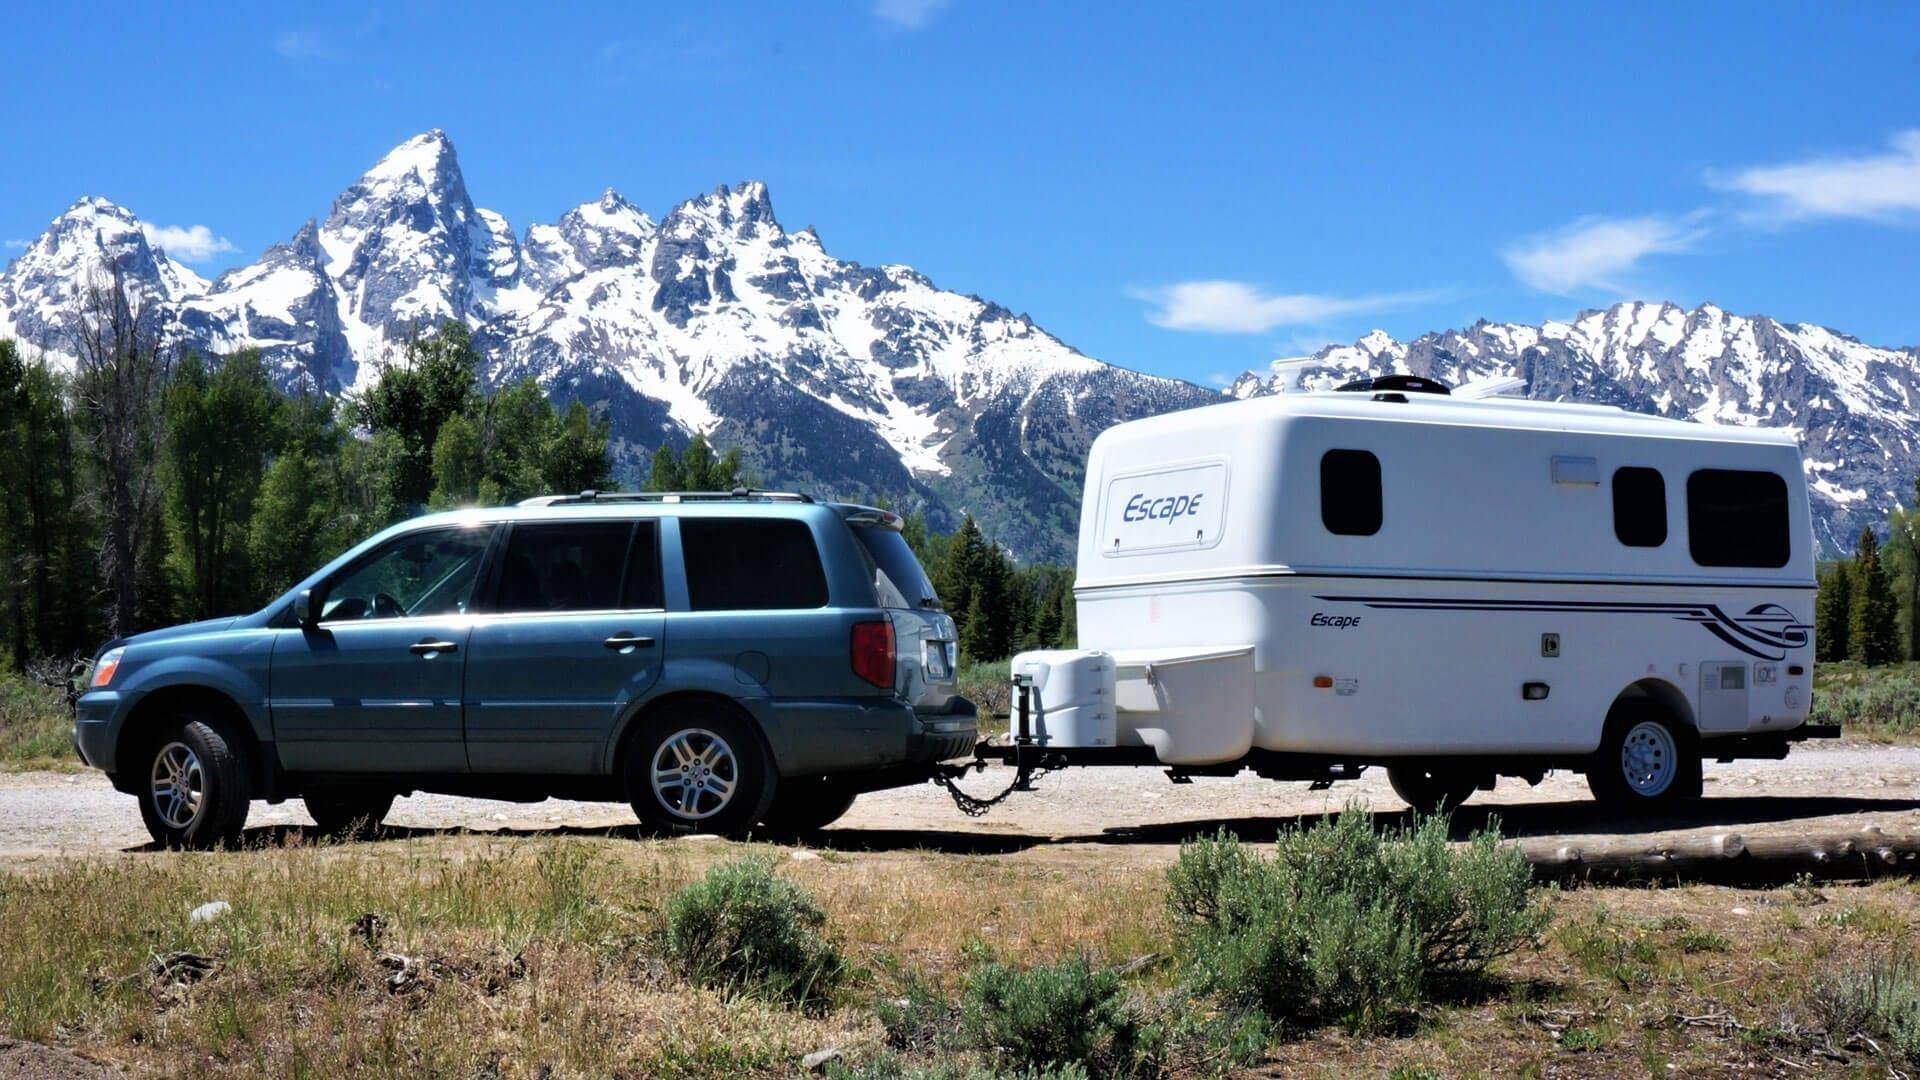 Lightweight 17 foot camper